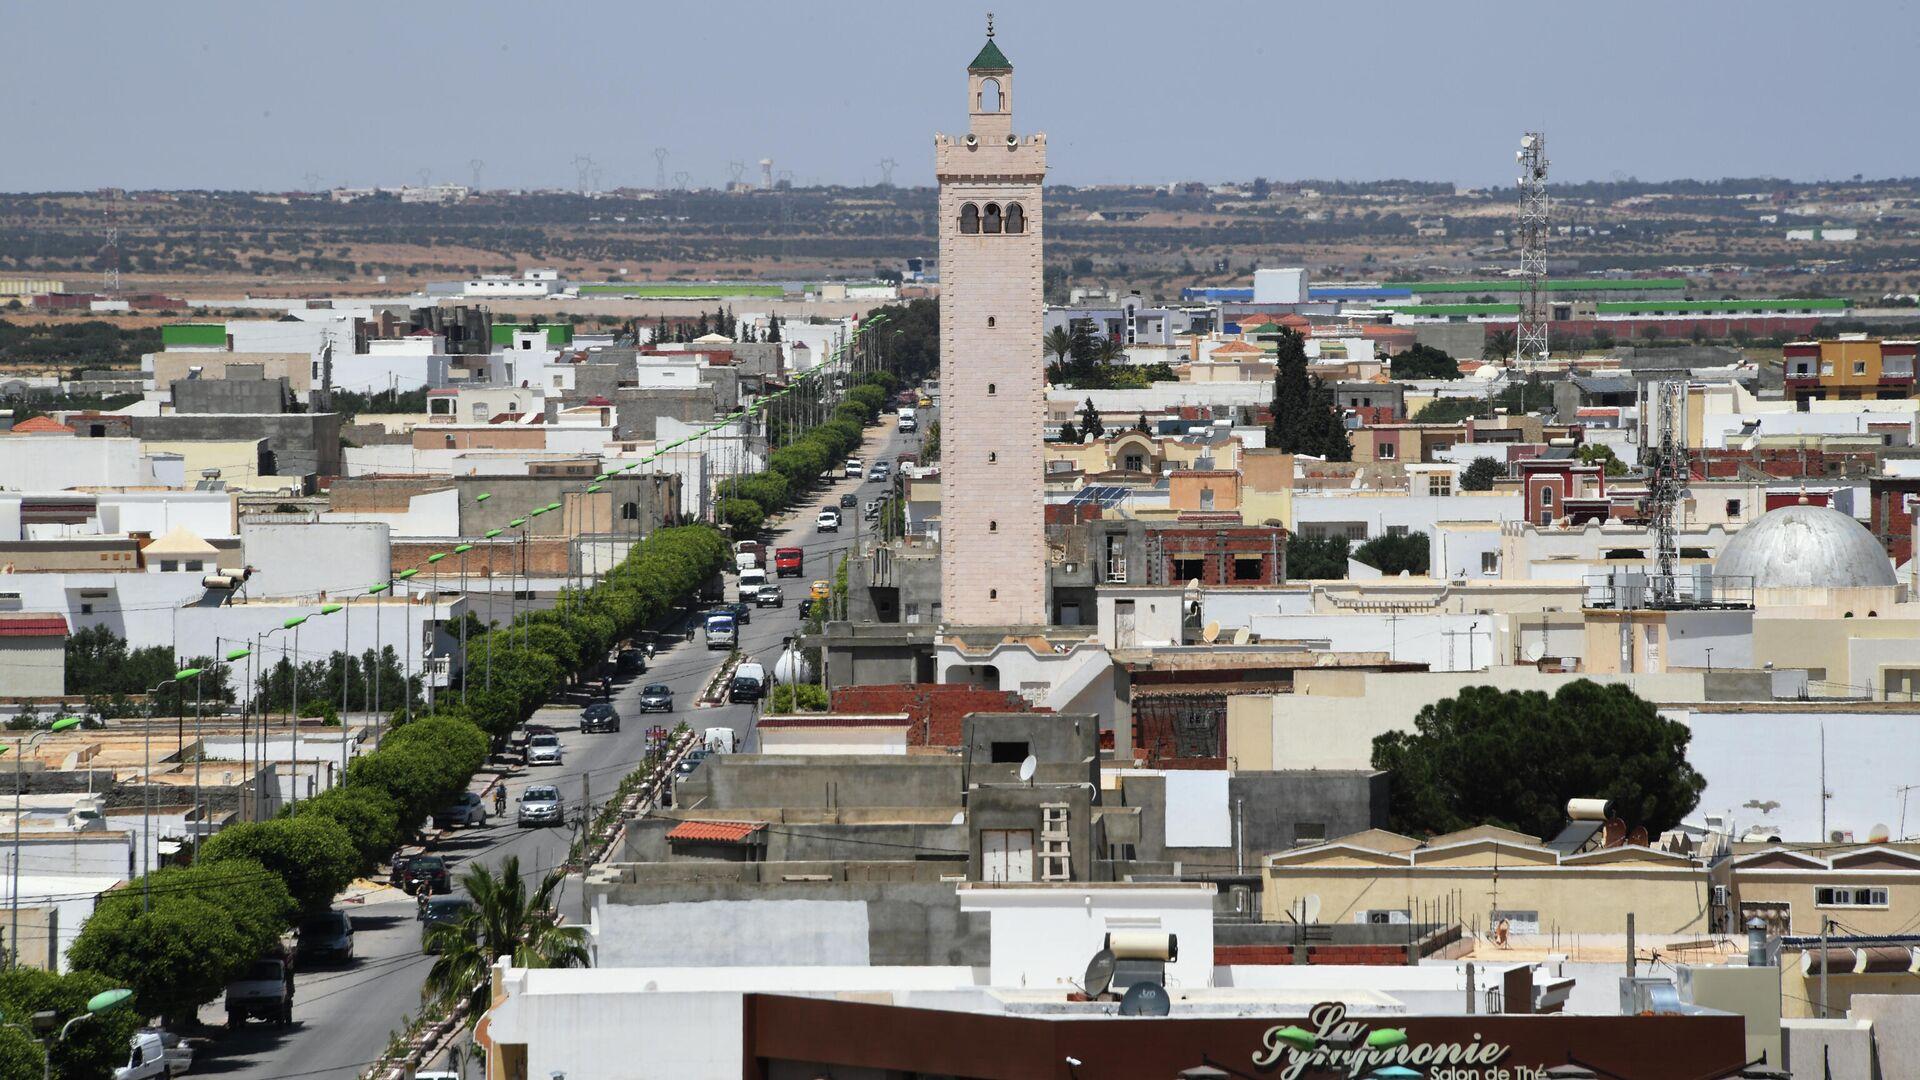 Вид города Эль-Джем в Тунисе с амфитеатра - РИА Новости, 1920, 25.07.2021